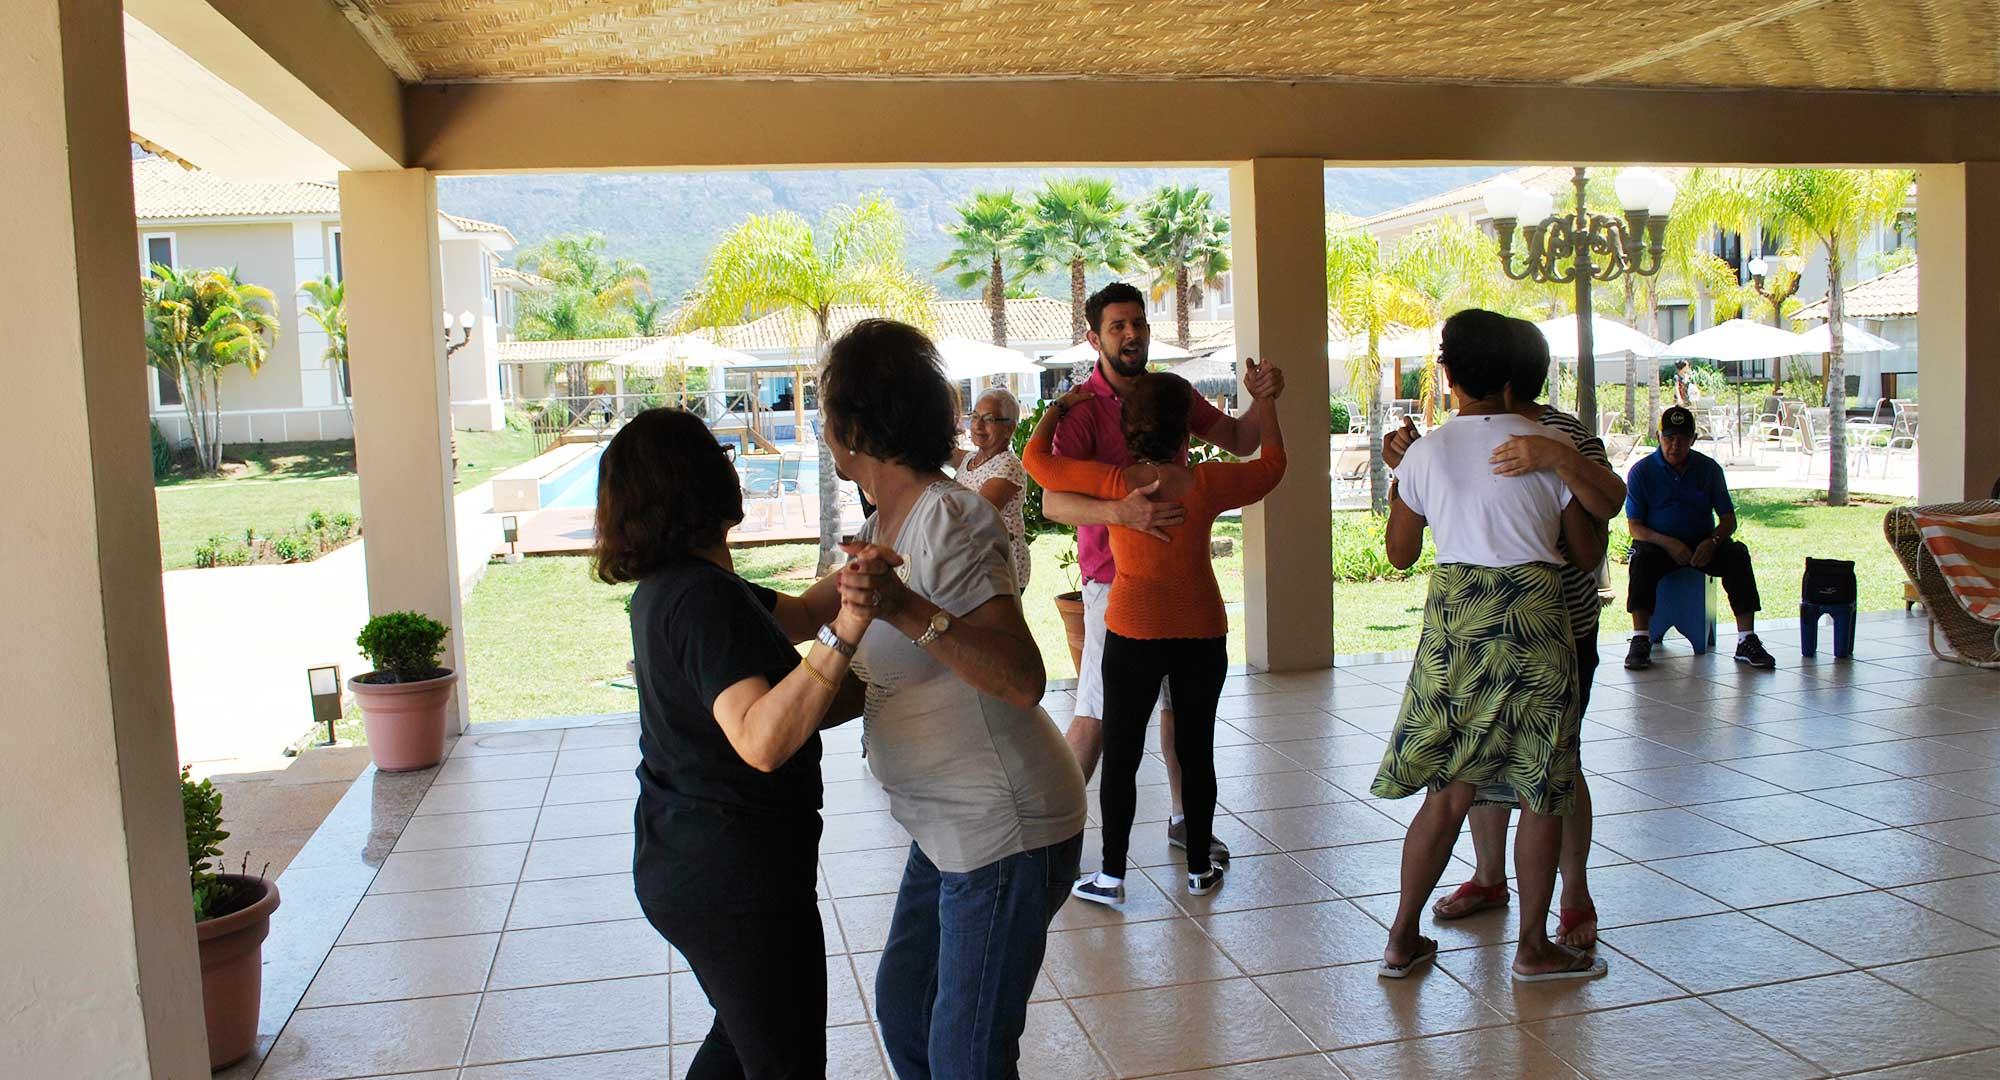 grupos-02oficina-de-danca-santissimo-resort_tiradentes_minas-gerais